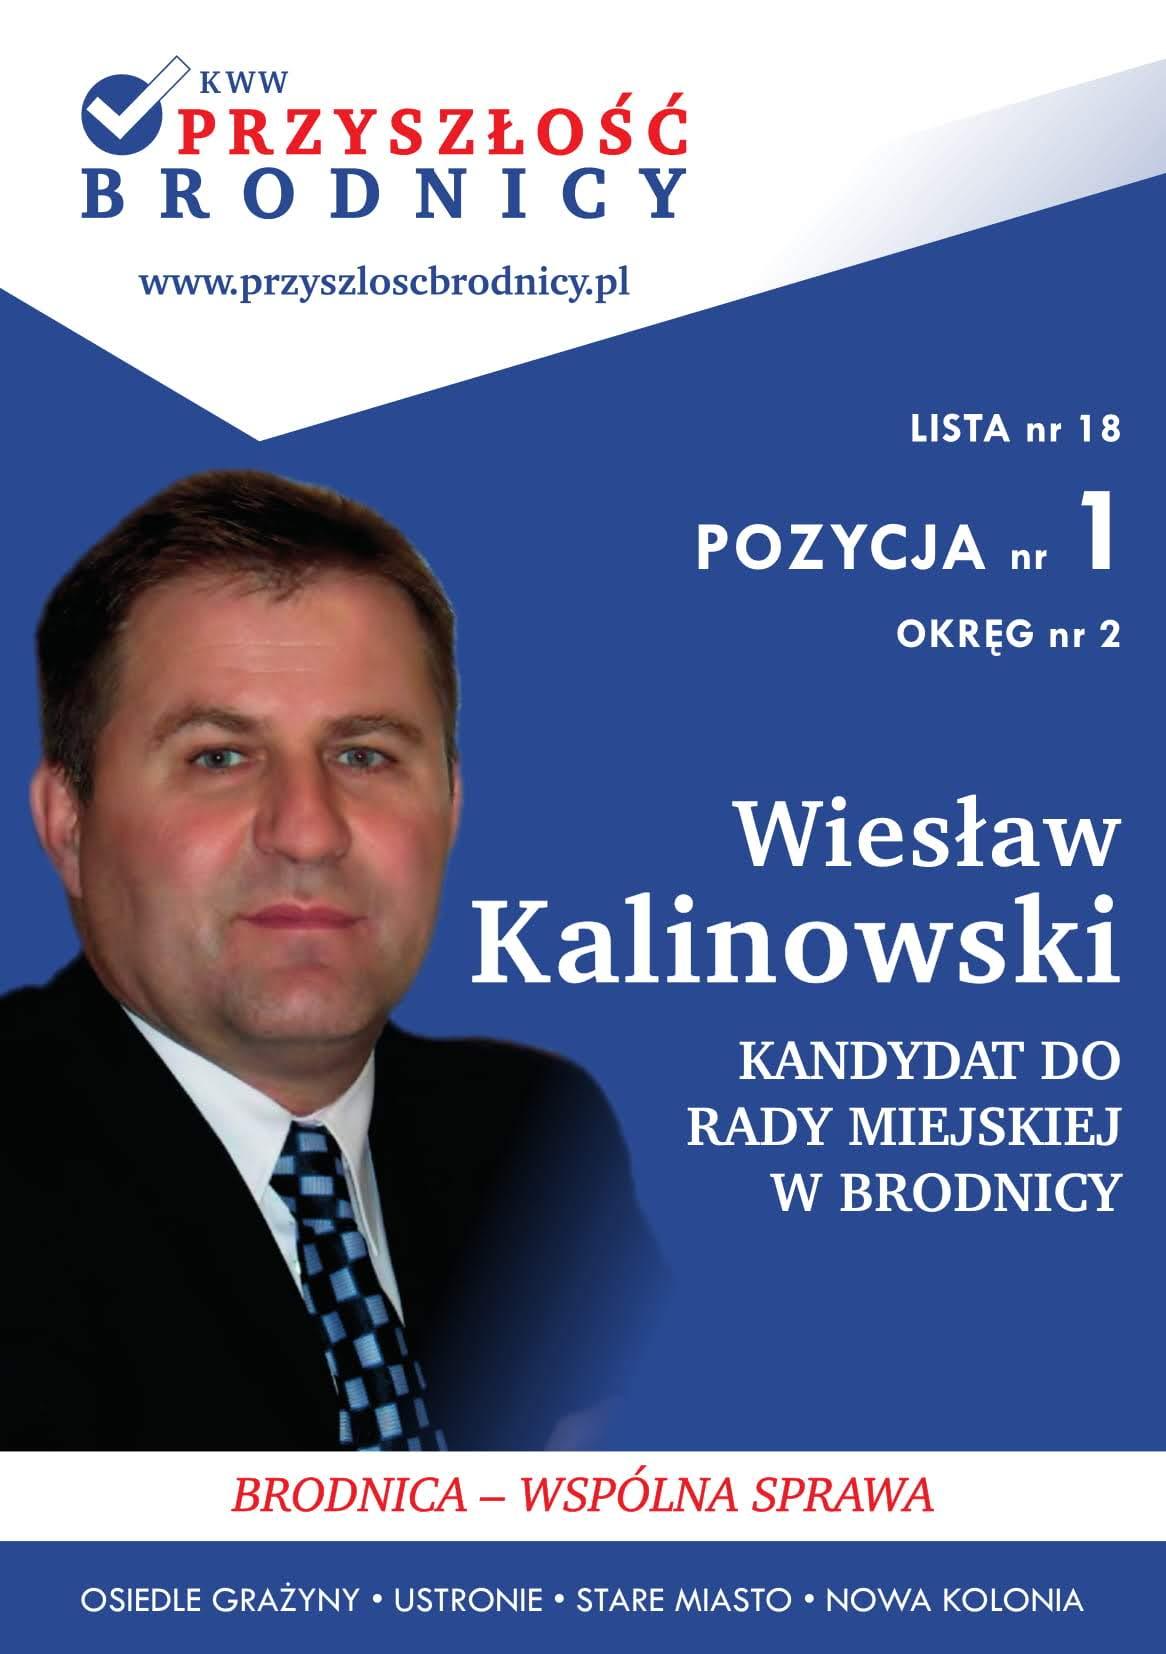 Wiesław Kalinowski